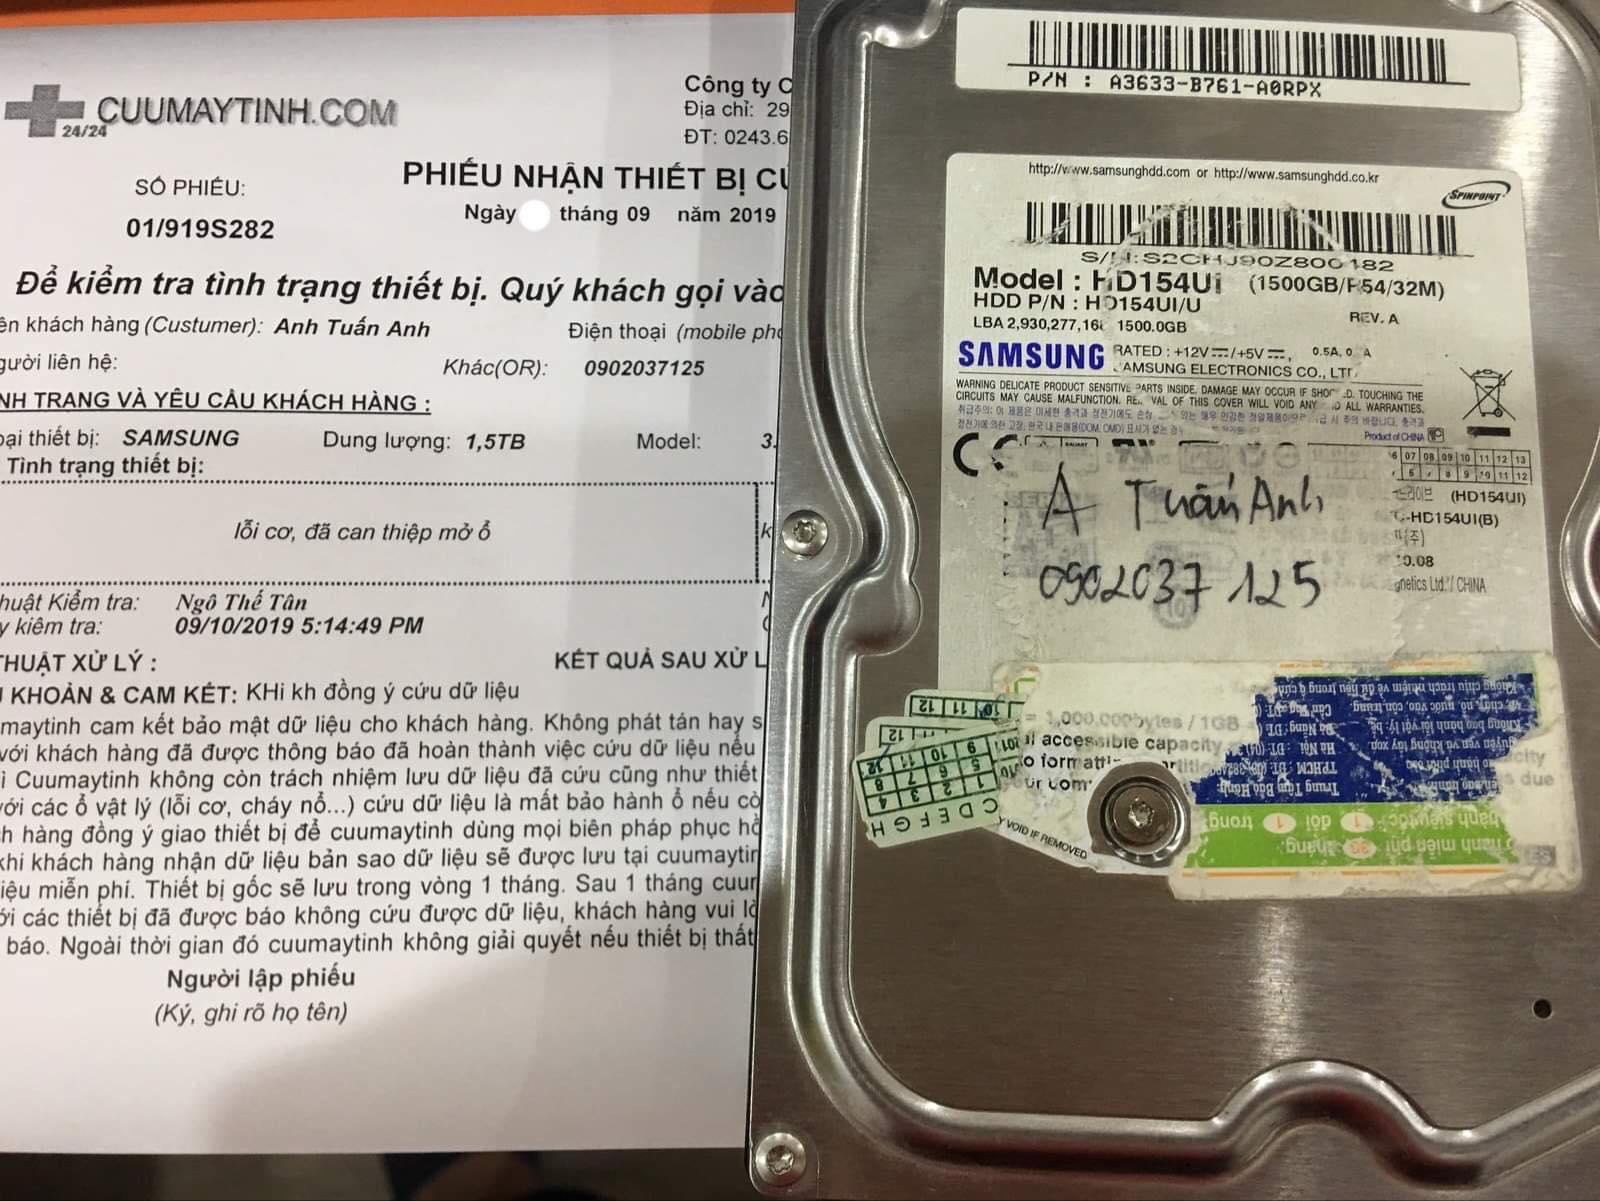 Lấy dữ liệu ổ cứng Samsung 1.5TB lỗi cơ 18/09/2019 - cuumaytinh